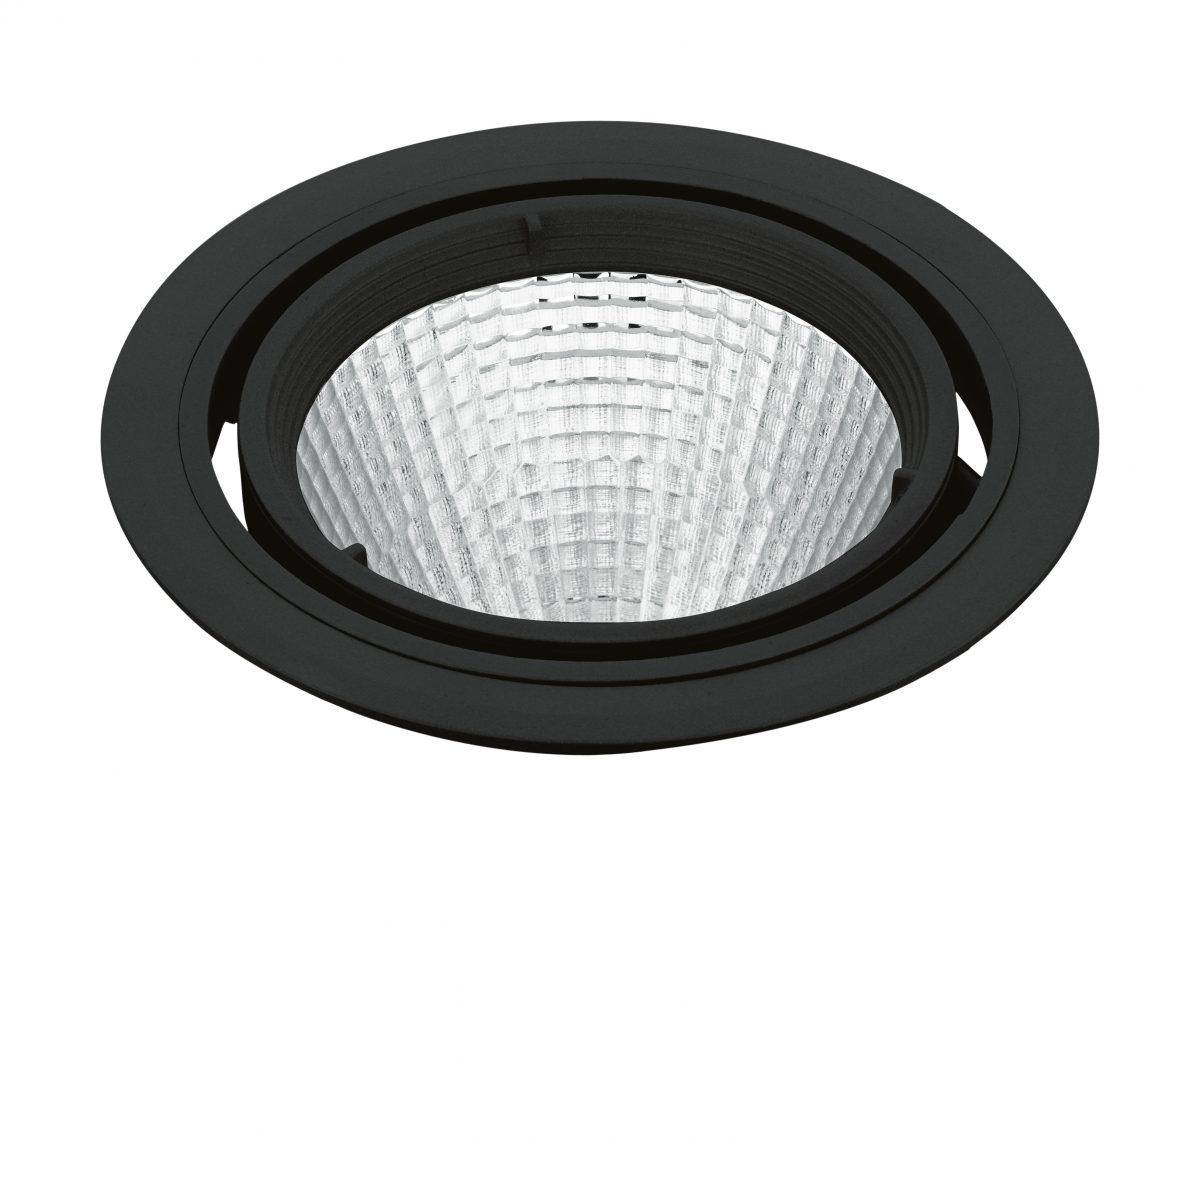 Светильник настенно-потолочный FERRONEGO IN/PROFES EGLO 61435 - Фото №28